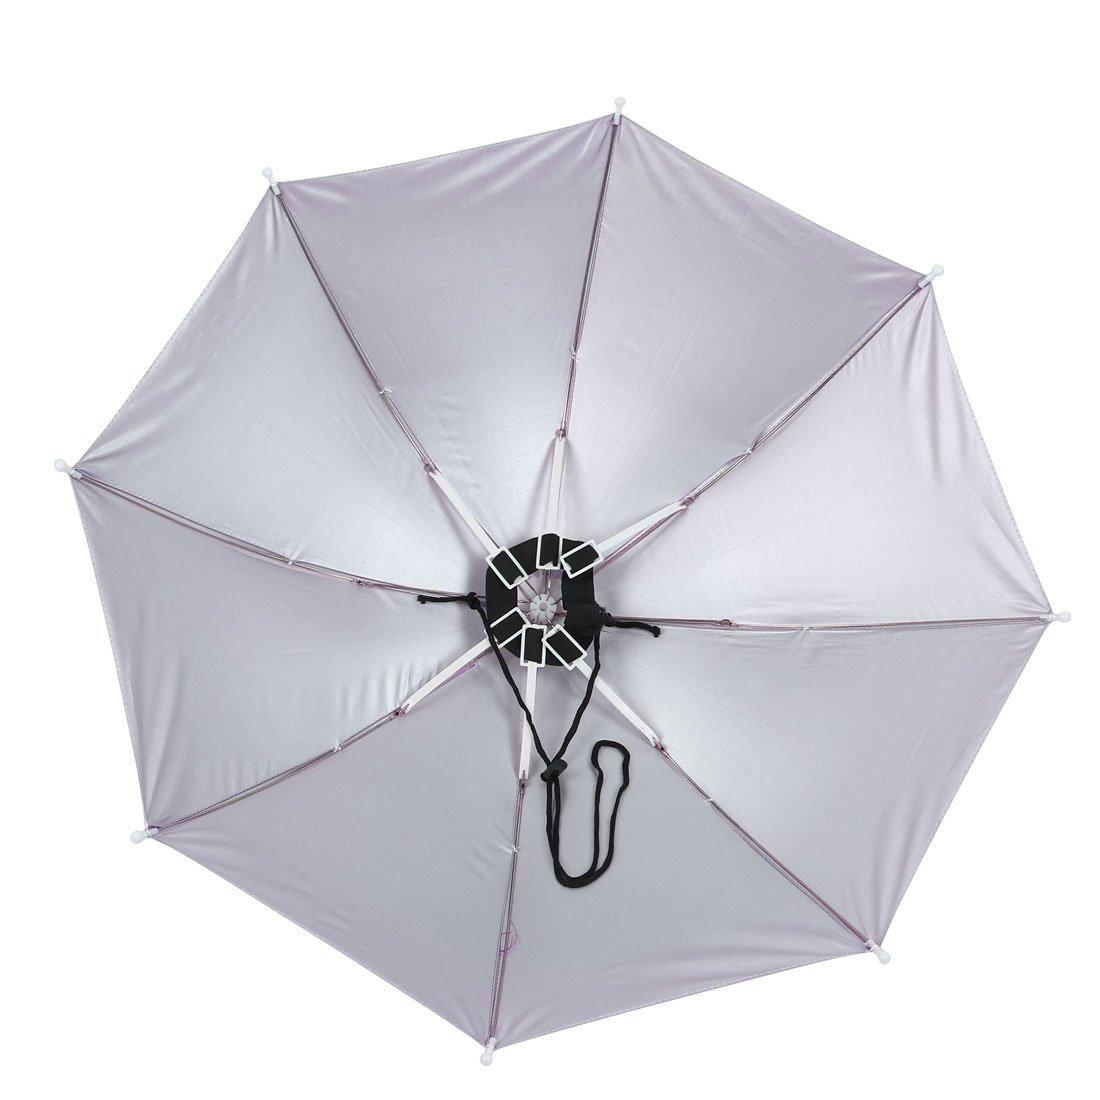 Amazon.com: Banda elástica paraguas Sombrero de 40cm de Pesca Larga Blanco Azul: Home & Kitchen